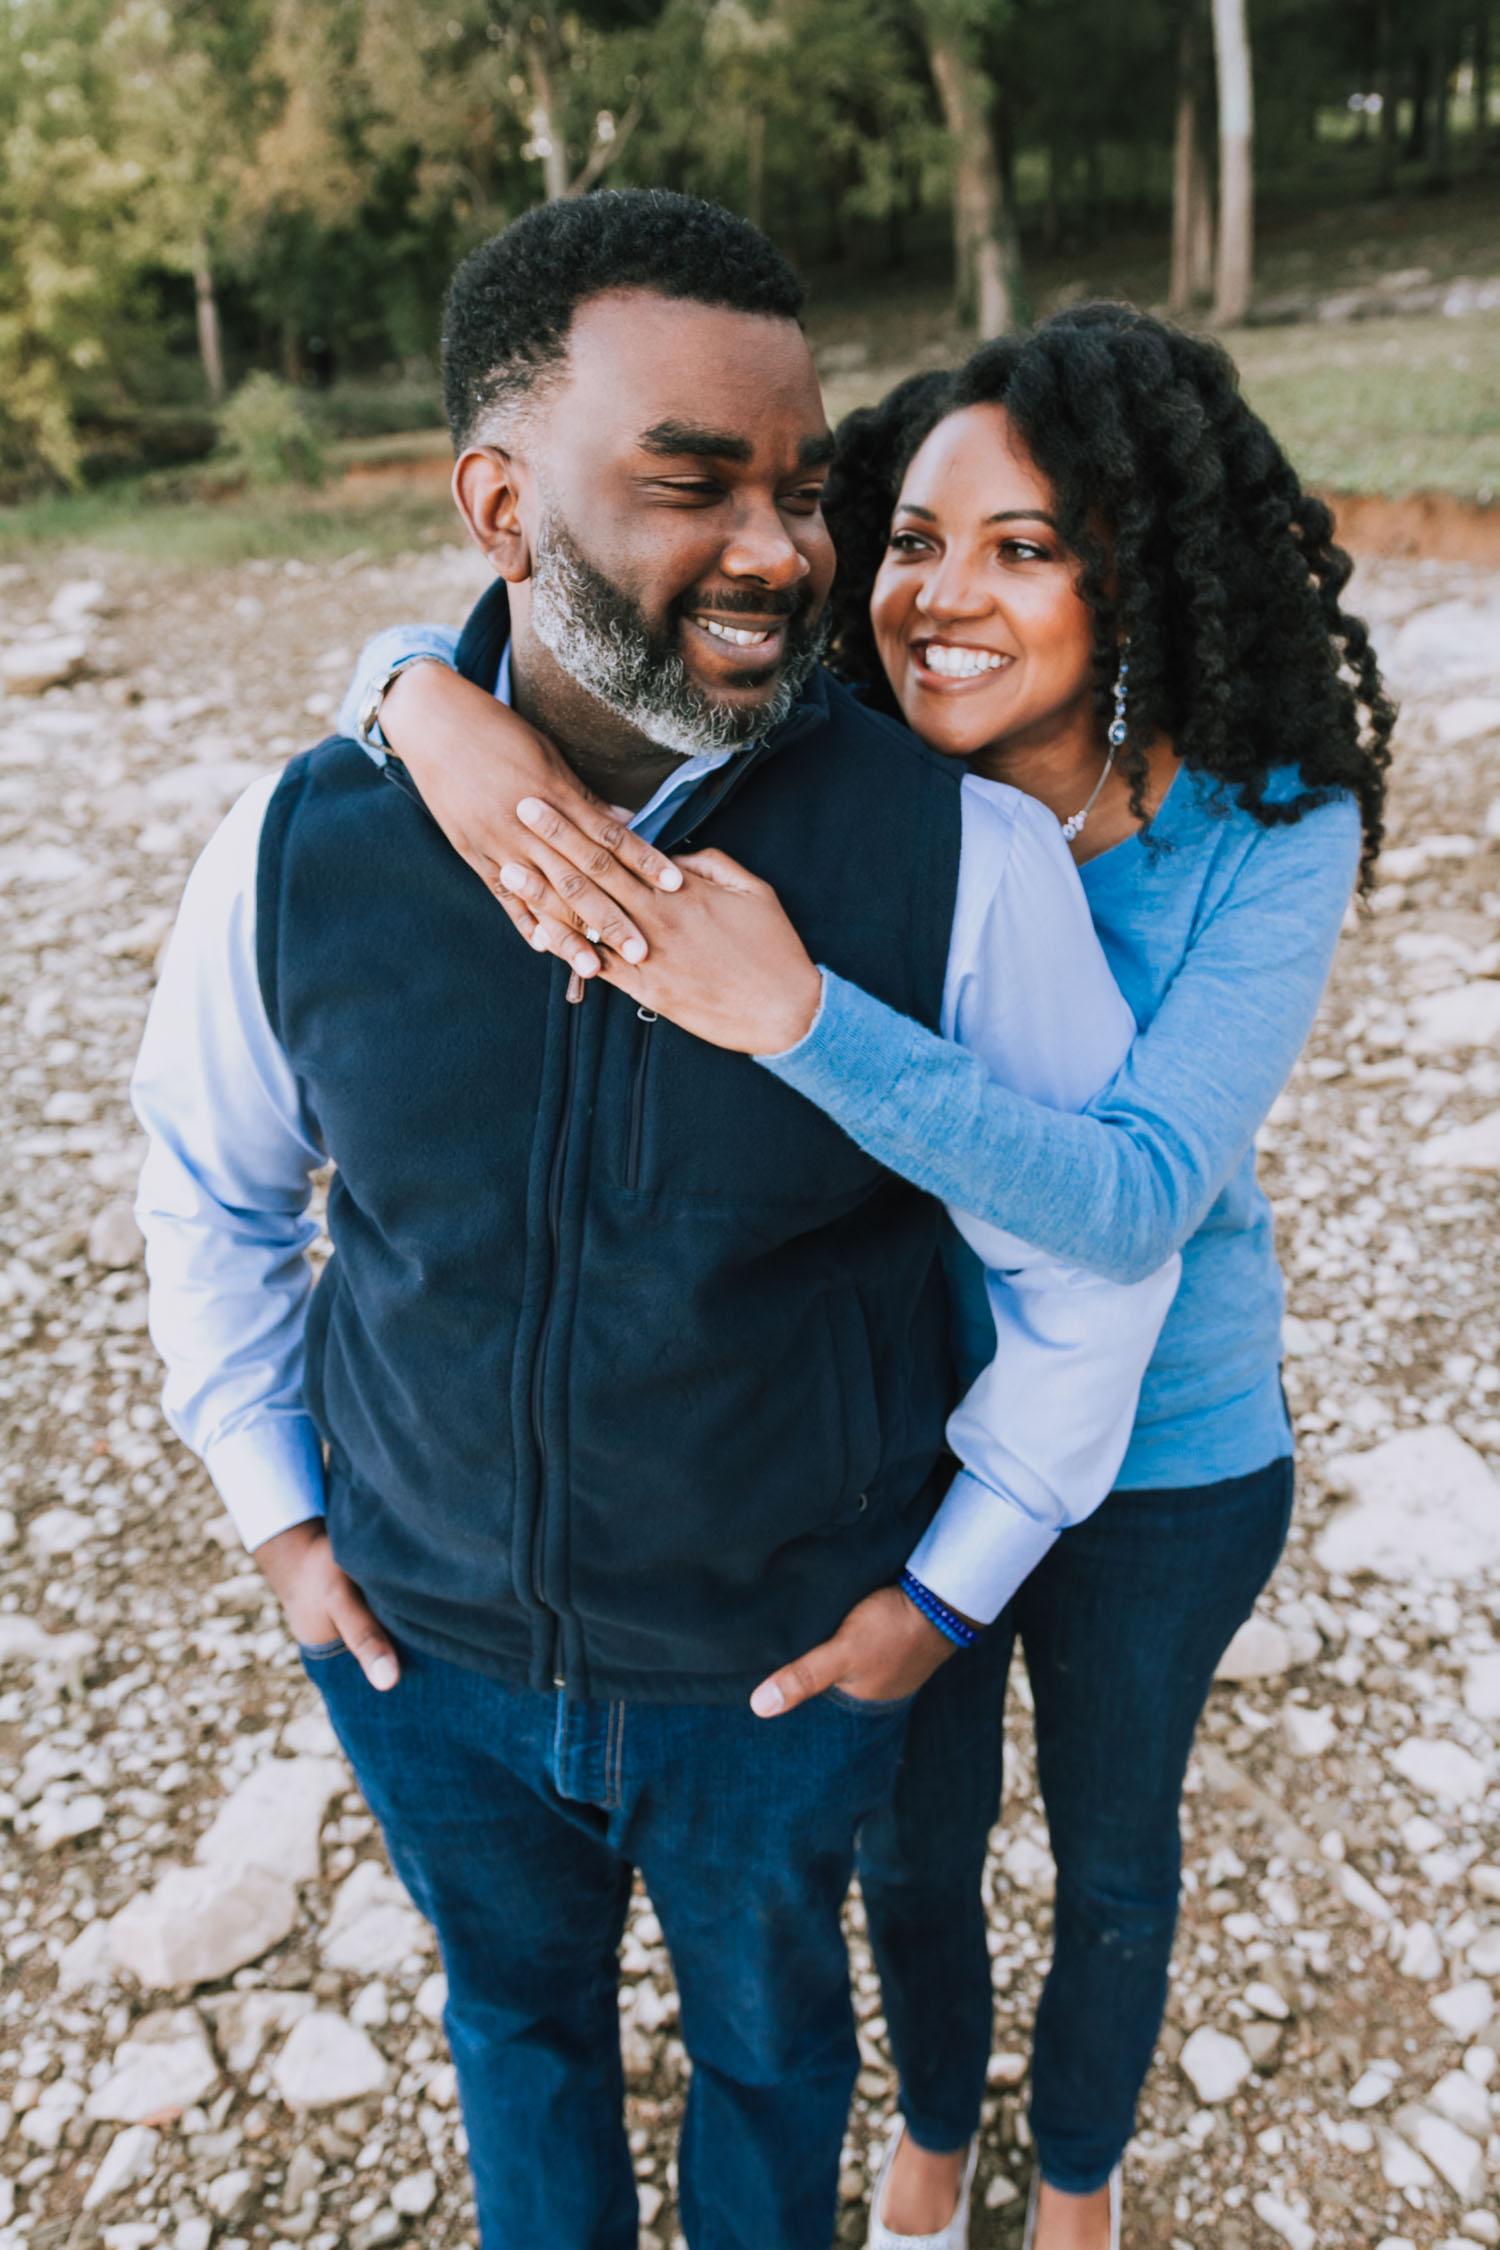 nashville-couples-portrait-photographer.jpg